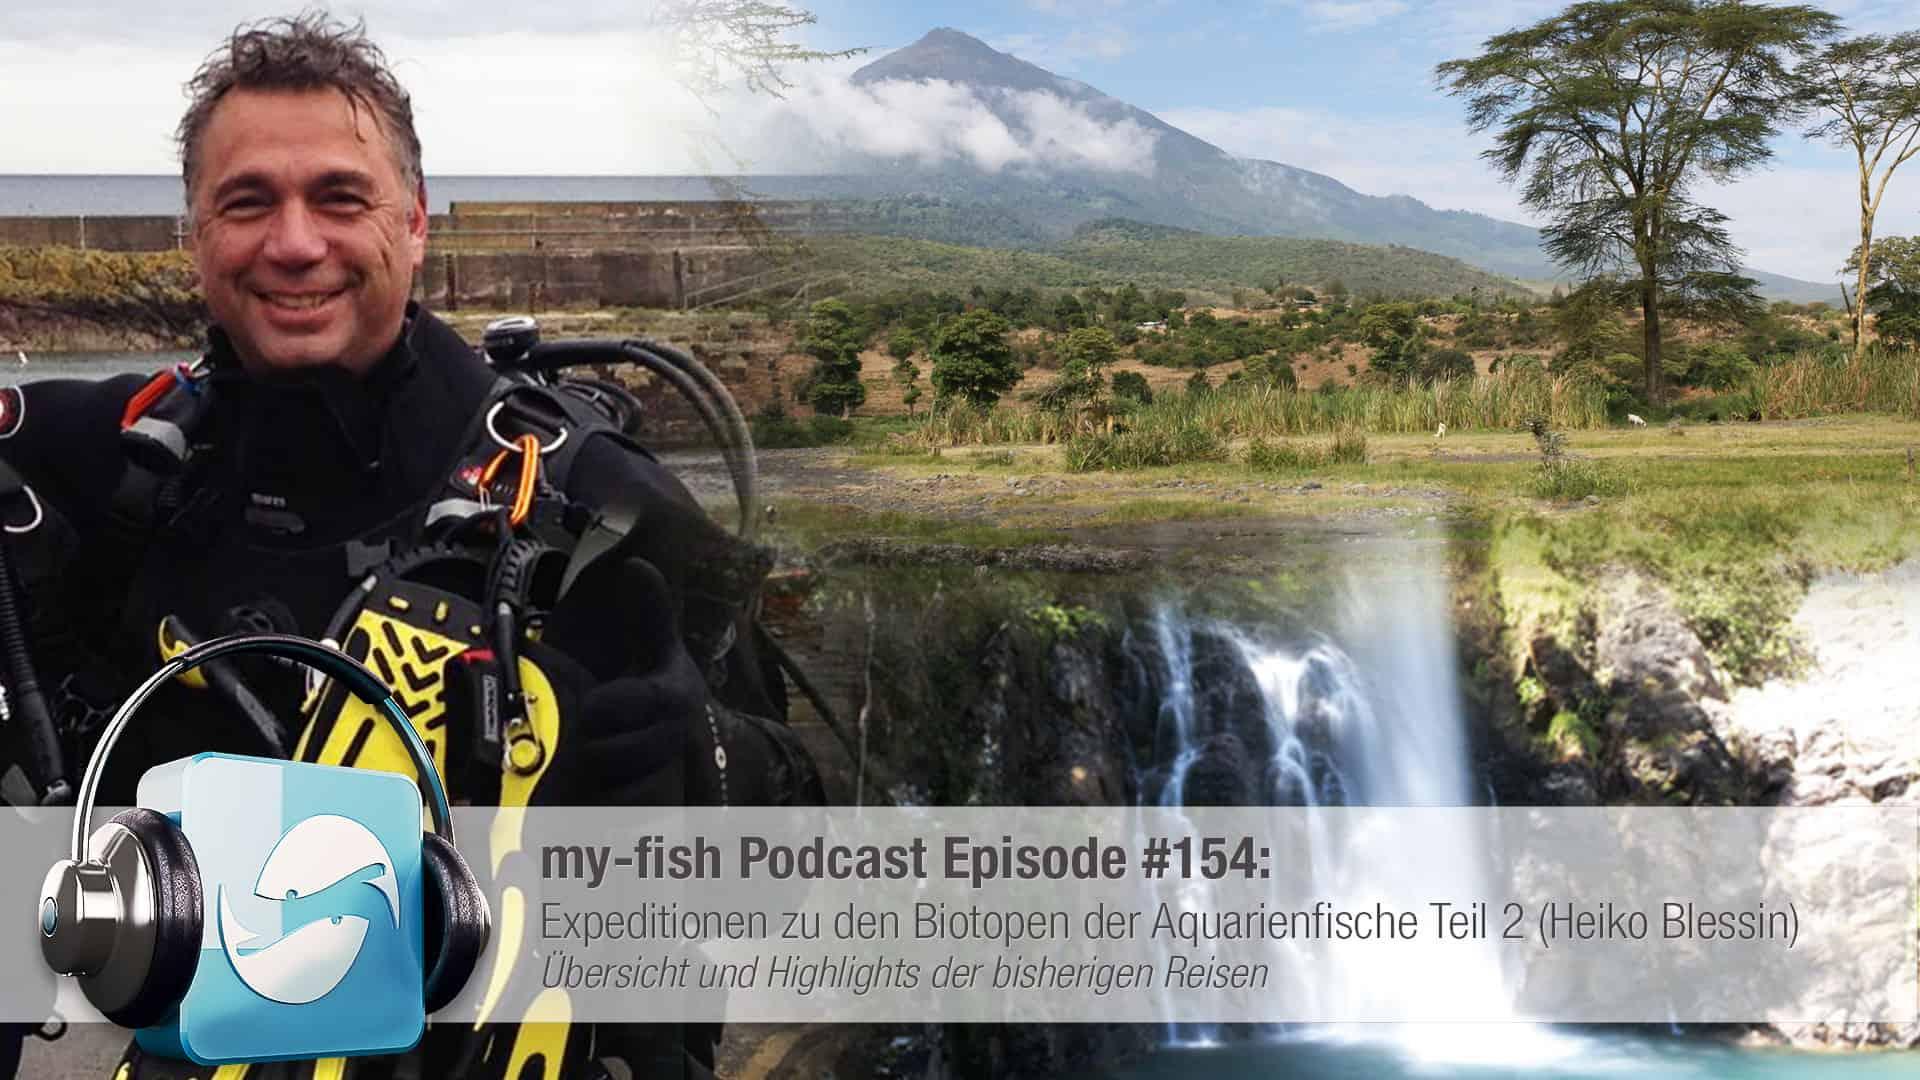 Podcast Episode #154: Expeditionen zu den Biotopen der Aquarienfische Teil 2 (Heiko Blessin) 1